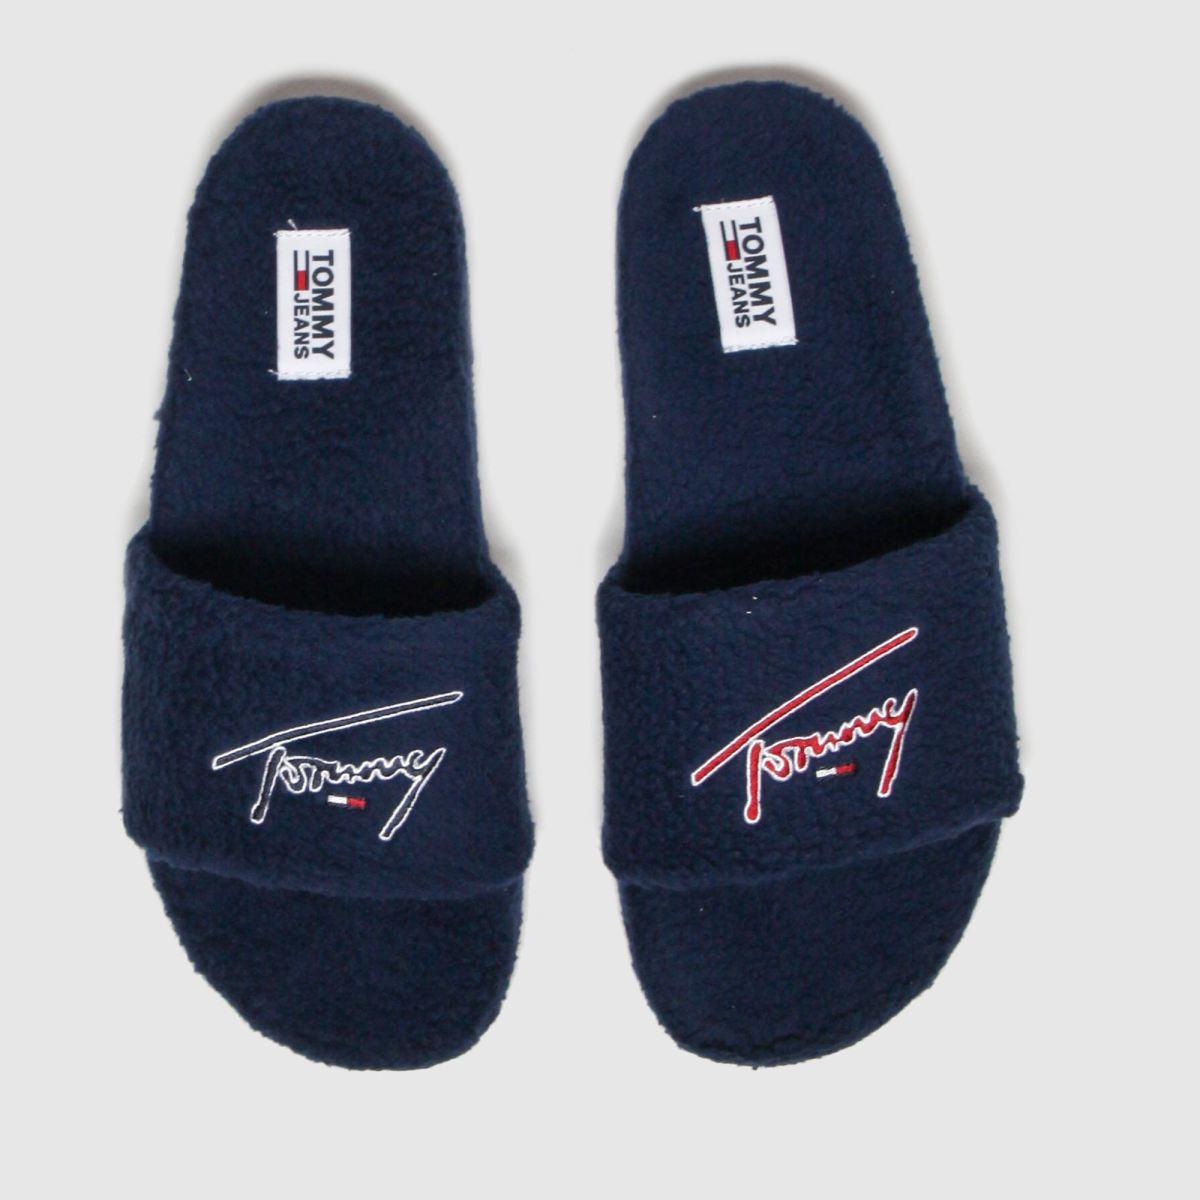 Tommy Hilfiger Navy Tj Signature Teddy Slide Sandals